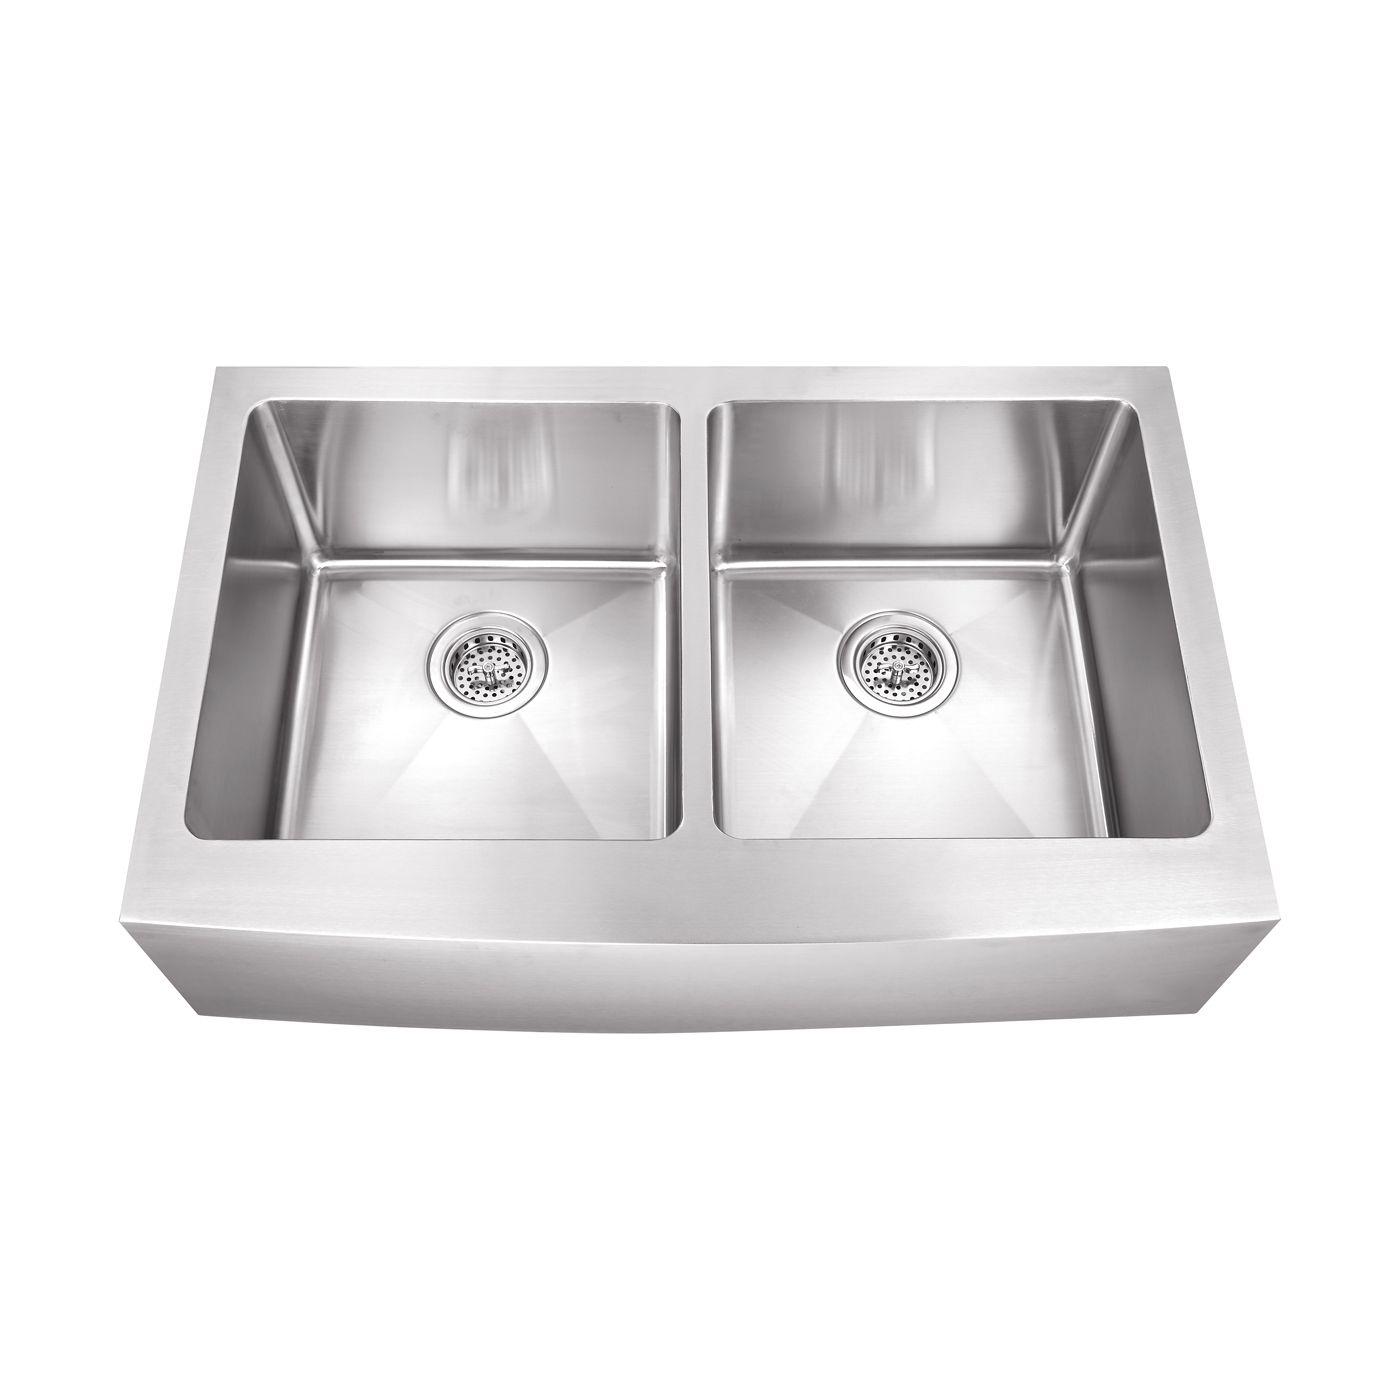 Undermount Kitchen Sinks   Schon SCAP505016 Undermount Stainless Steel Apron Front Kitchen Sink